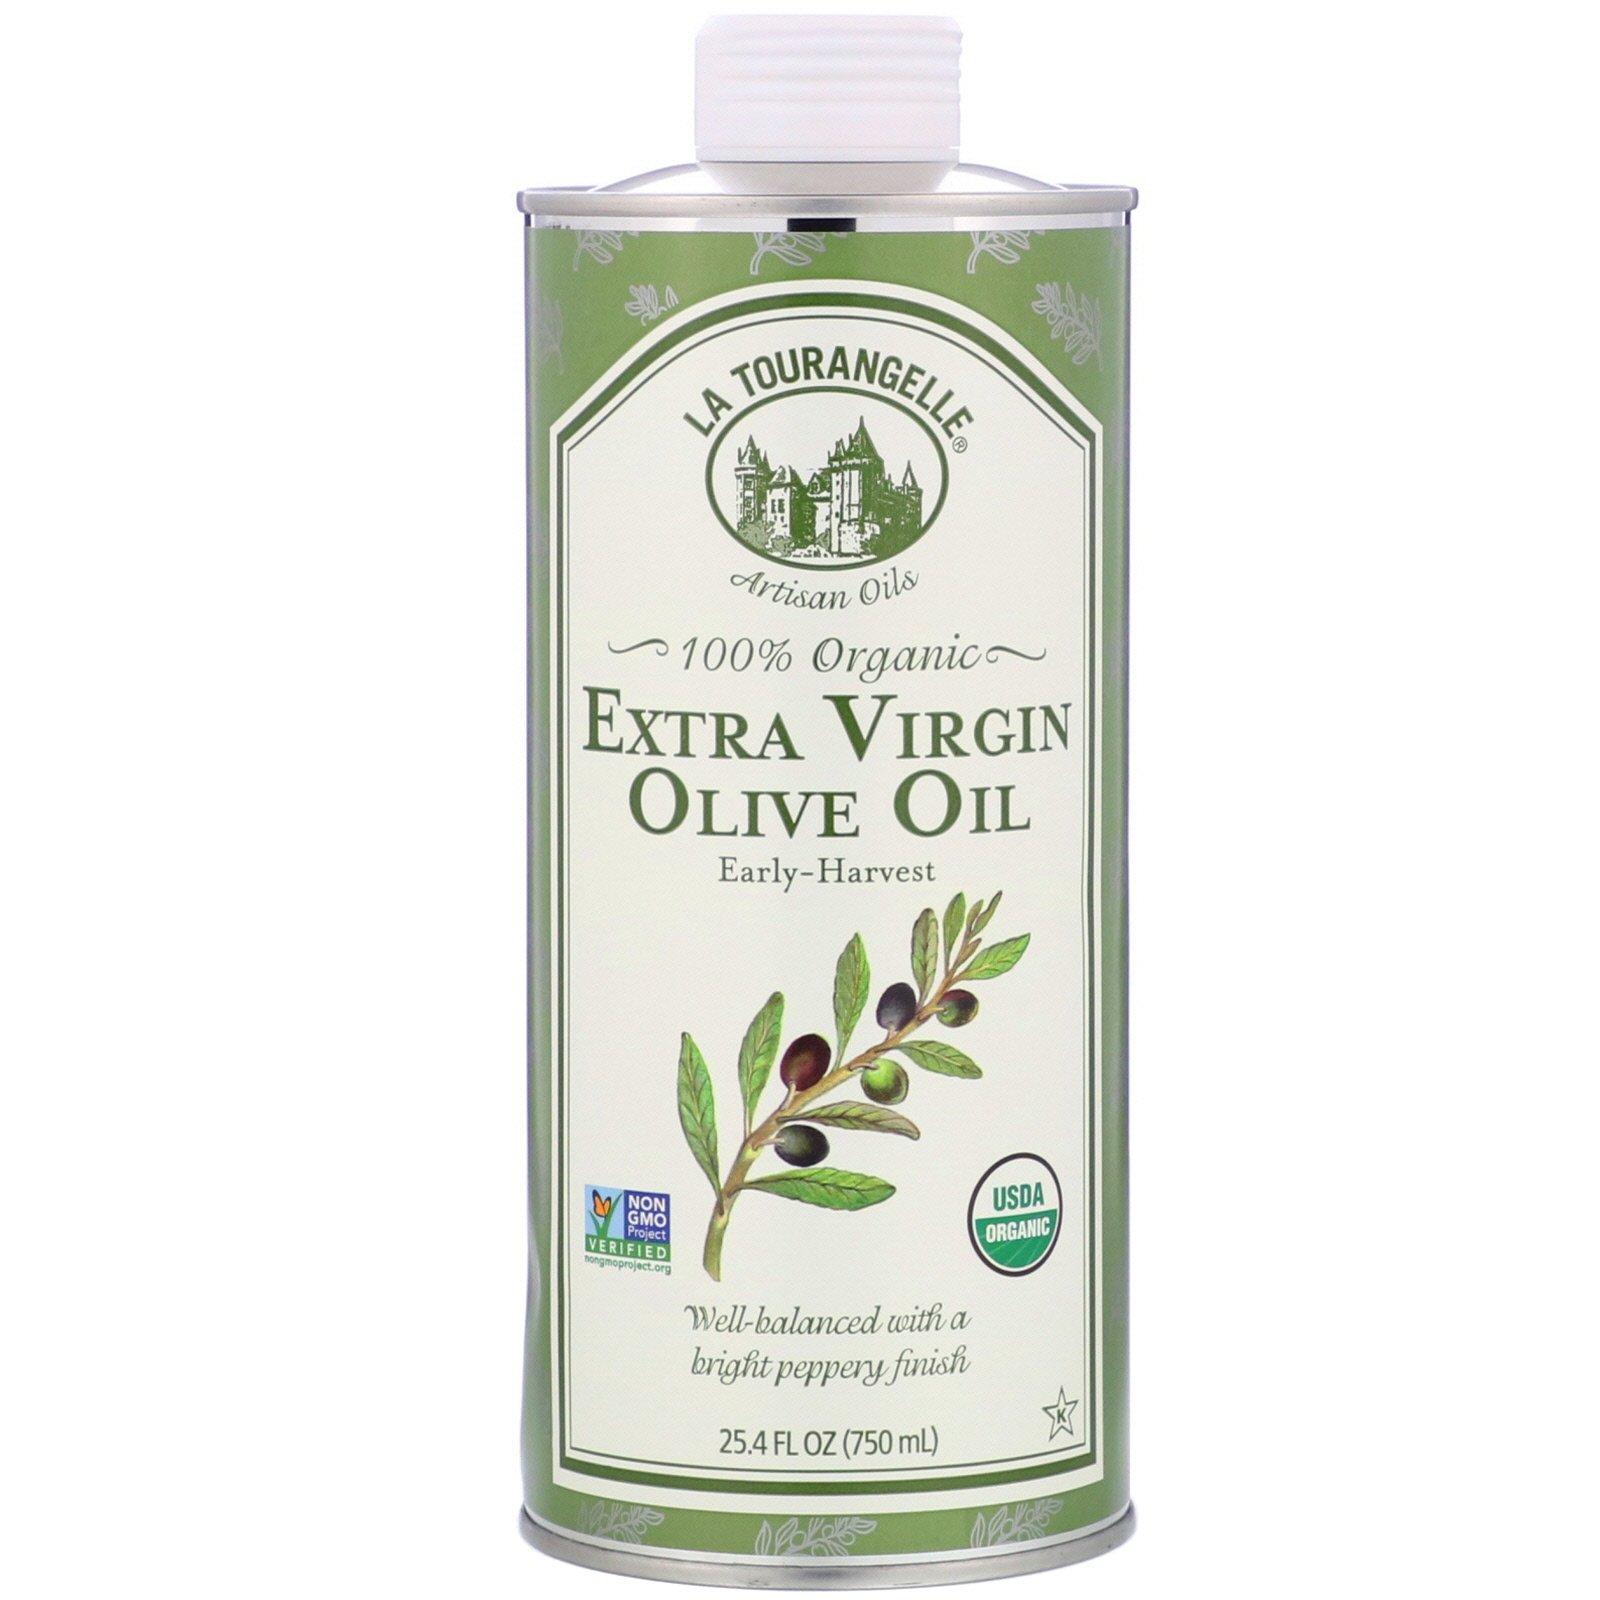 La Tourangelle, 100% органическое оливковое нерафинированное масло первого холодного отжима, 750 мл (25,4 жидк. унции)